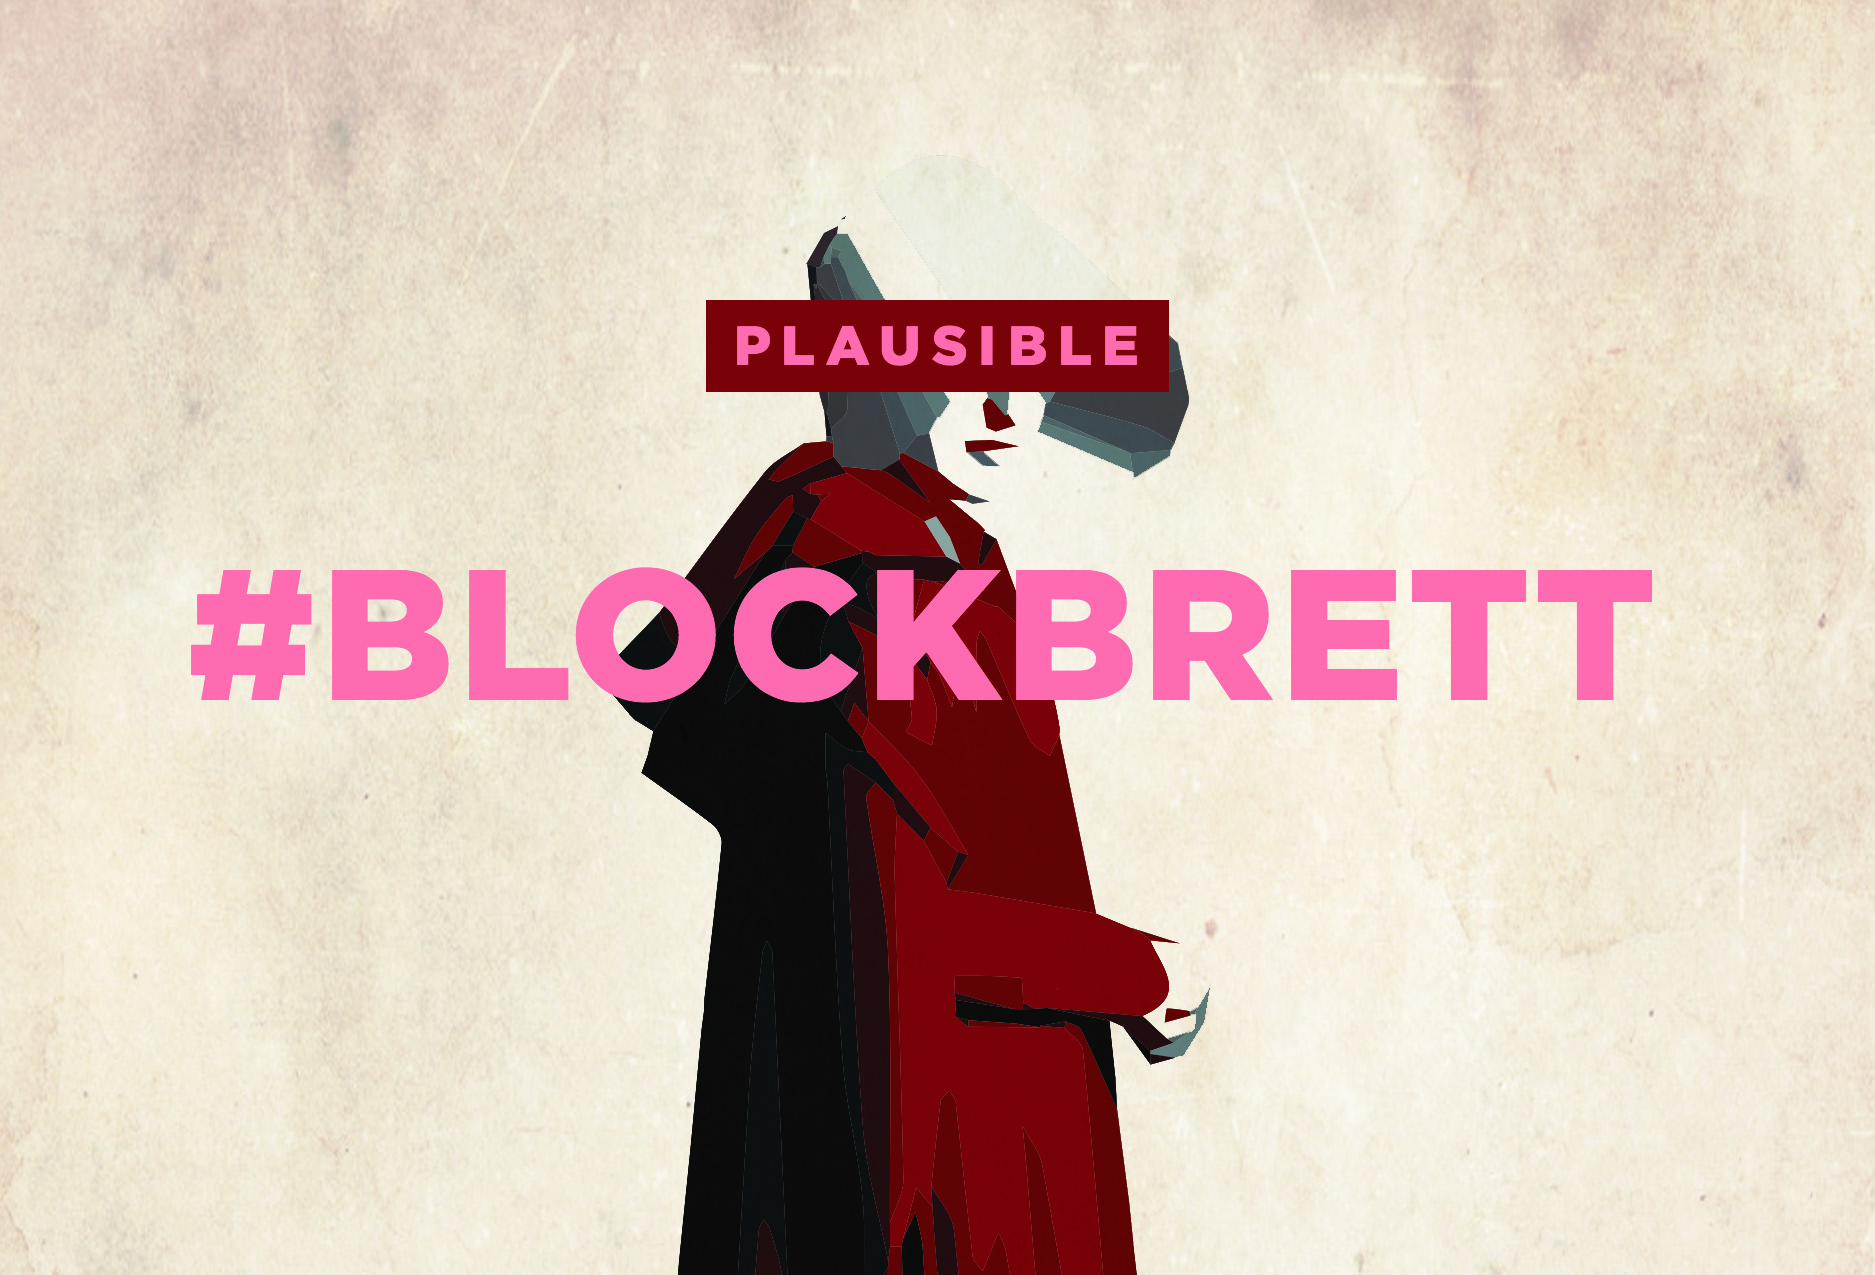 blockbrett2.jpg